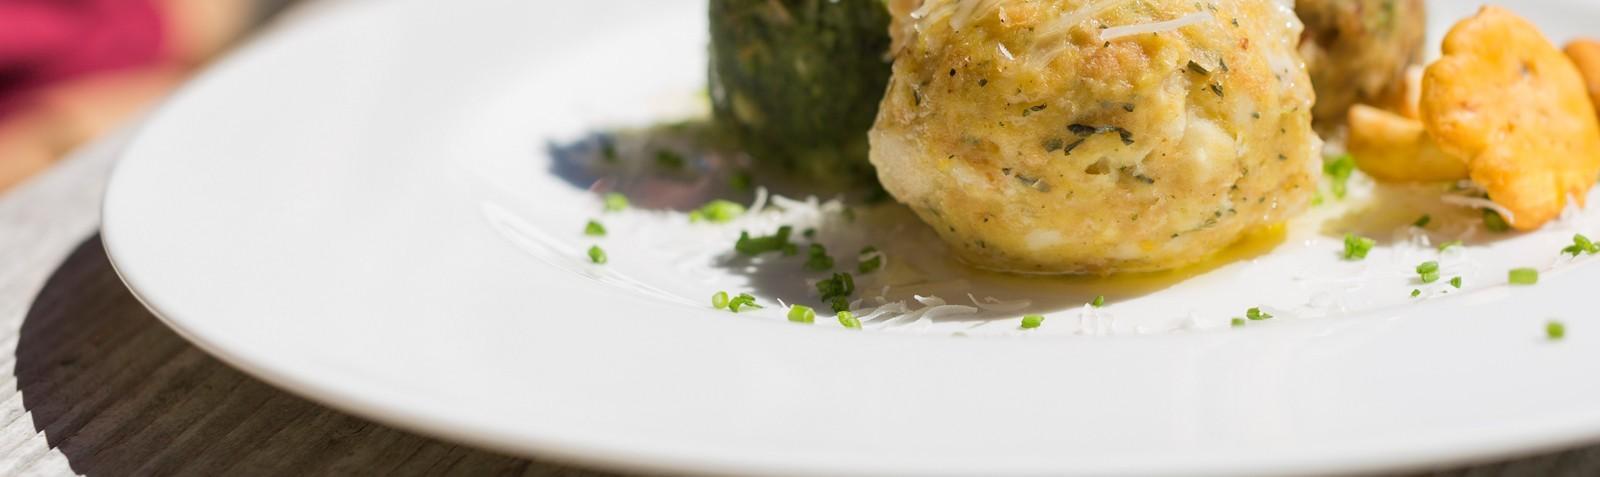 Canederli e Spatzle, i primi piatti più famosi dell'Alto Adige